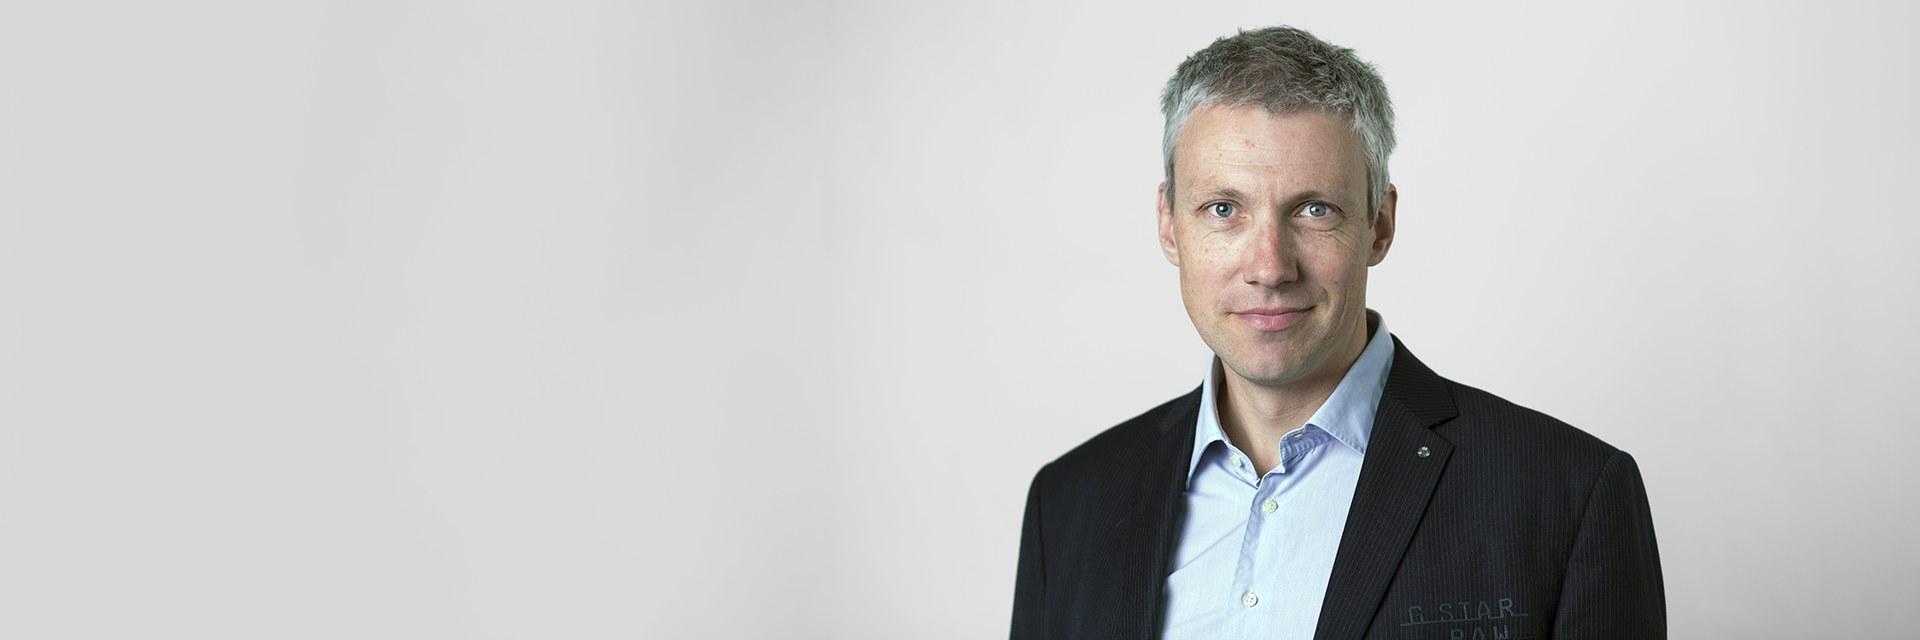 Dr. Christian Rytka